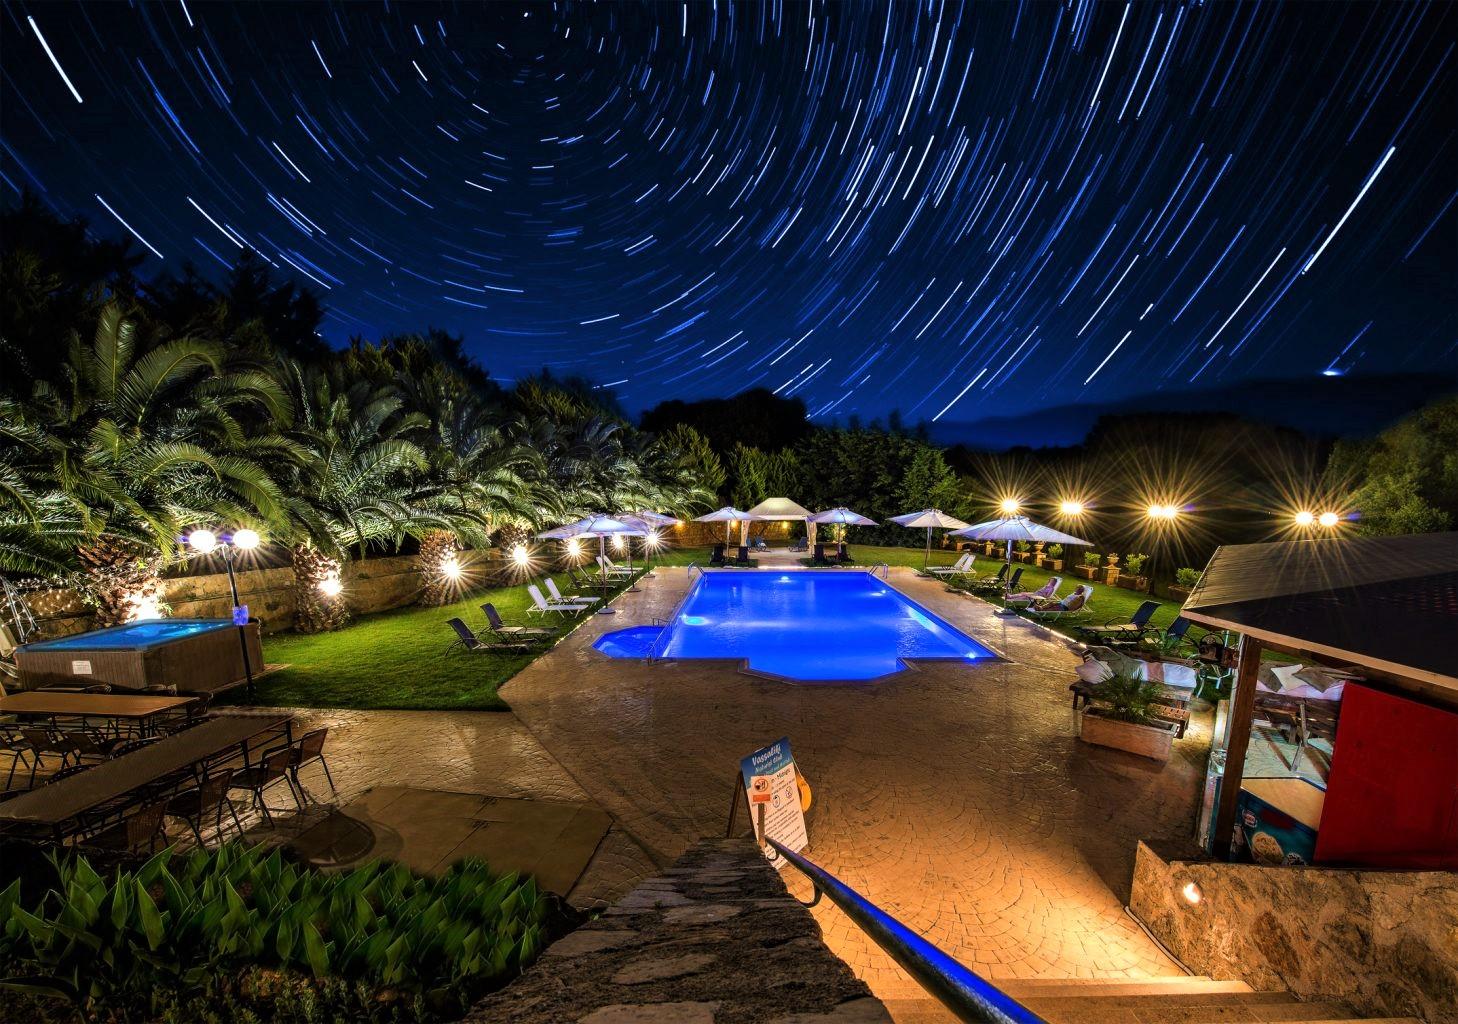 Η Ελλάδα στη «γυμνή» version του Airbnb – Γυμνιστές νοικιάζουν βίλες στα νησιά με 130 ευρώ (Pics)